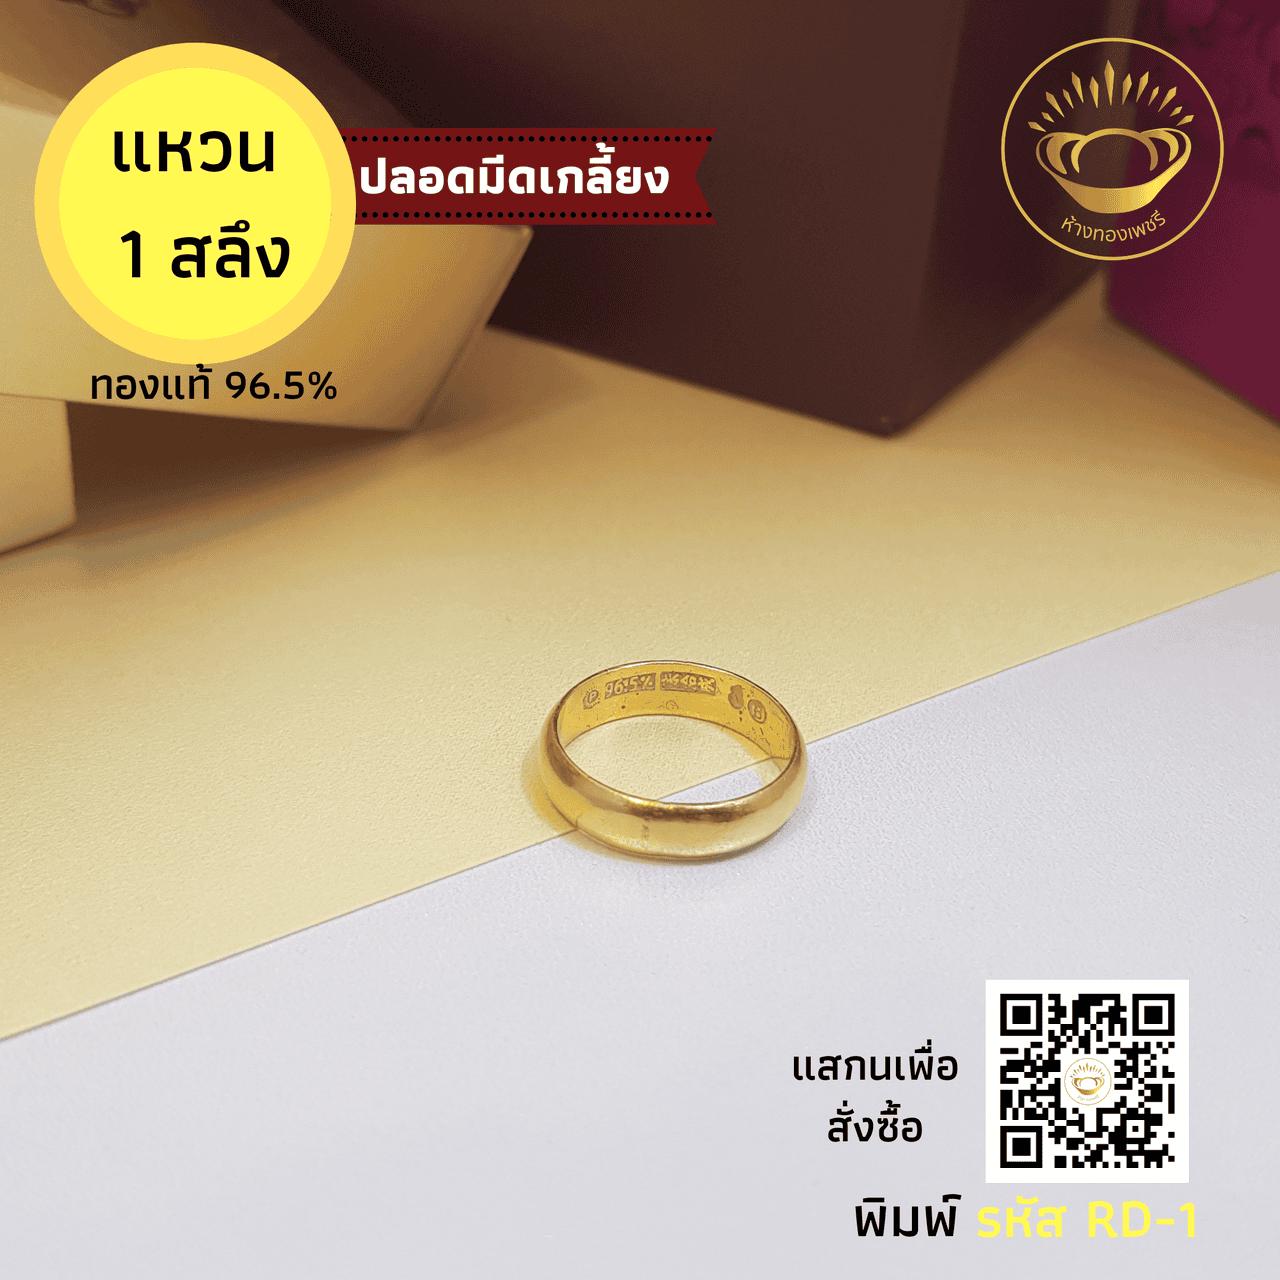 แหวนทองคำแท้ 1สลึง(3.79 กรัม)  ปลอกมีดเกลี้ยง RD-1